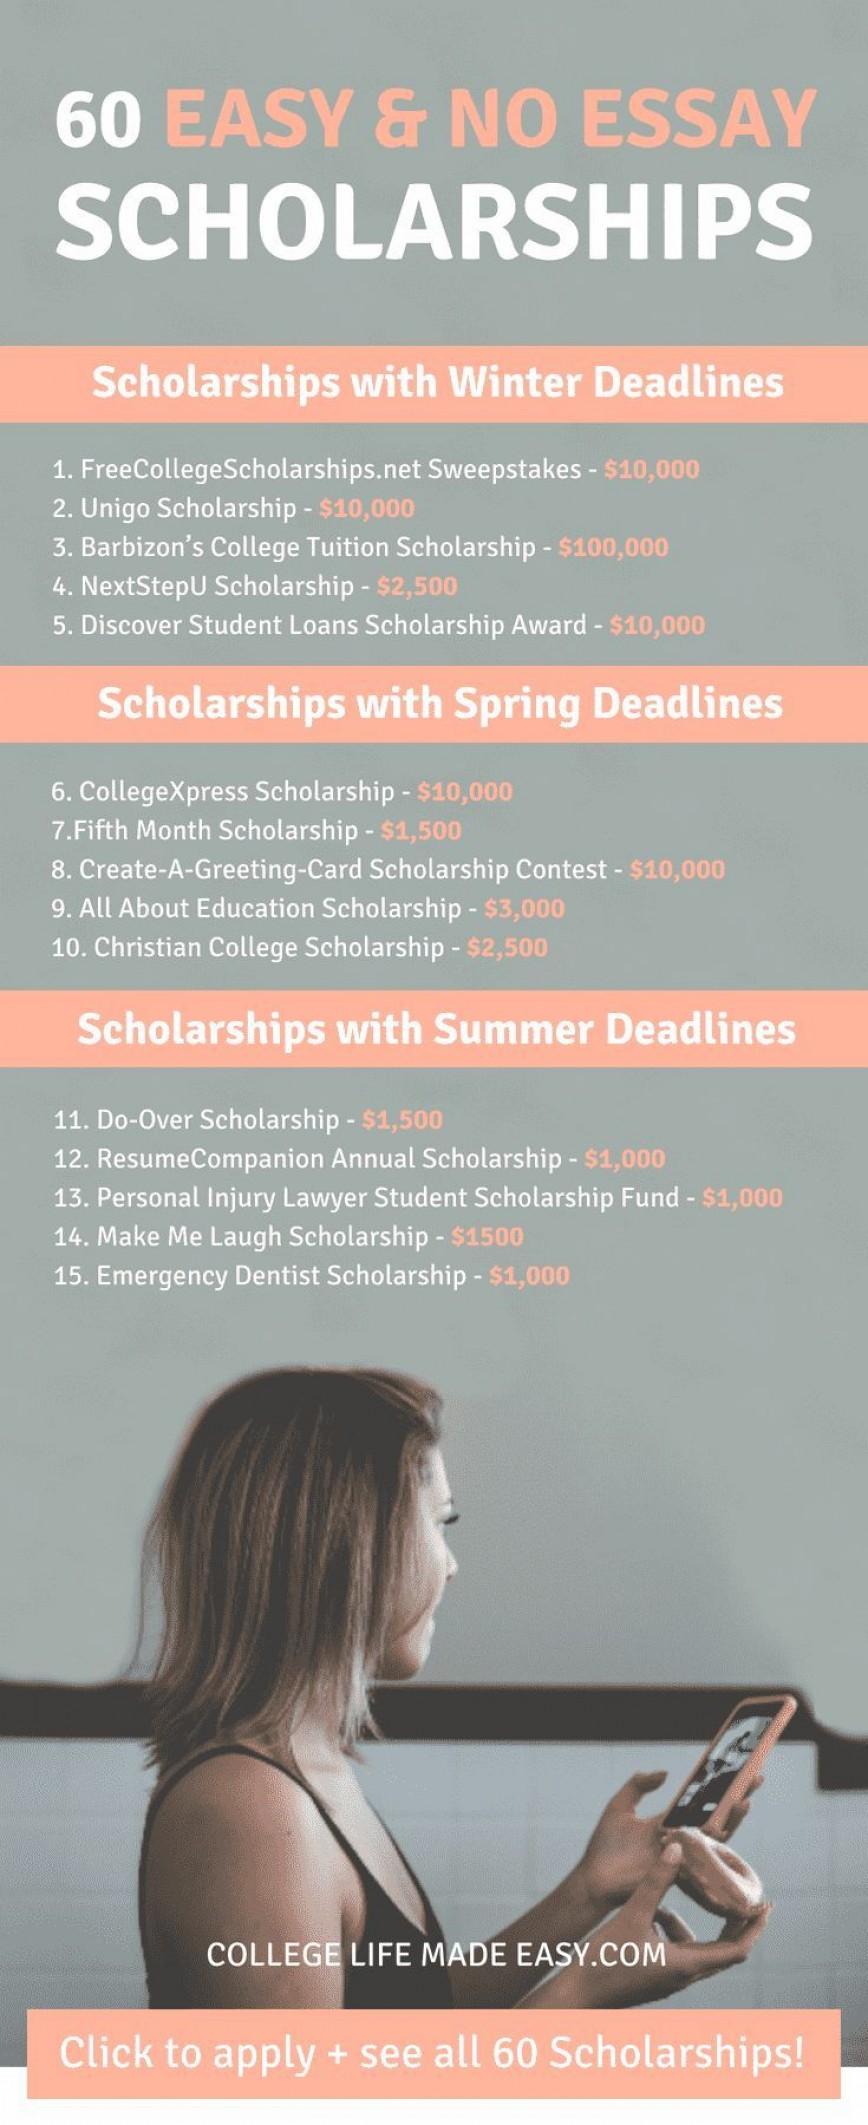 002 Easy Scholarships No Essay Striking 2015